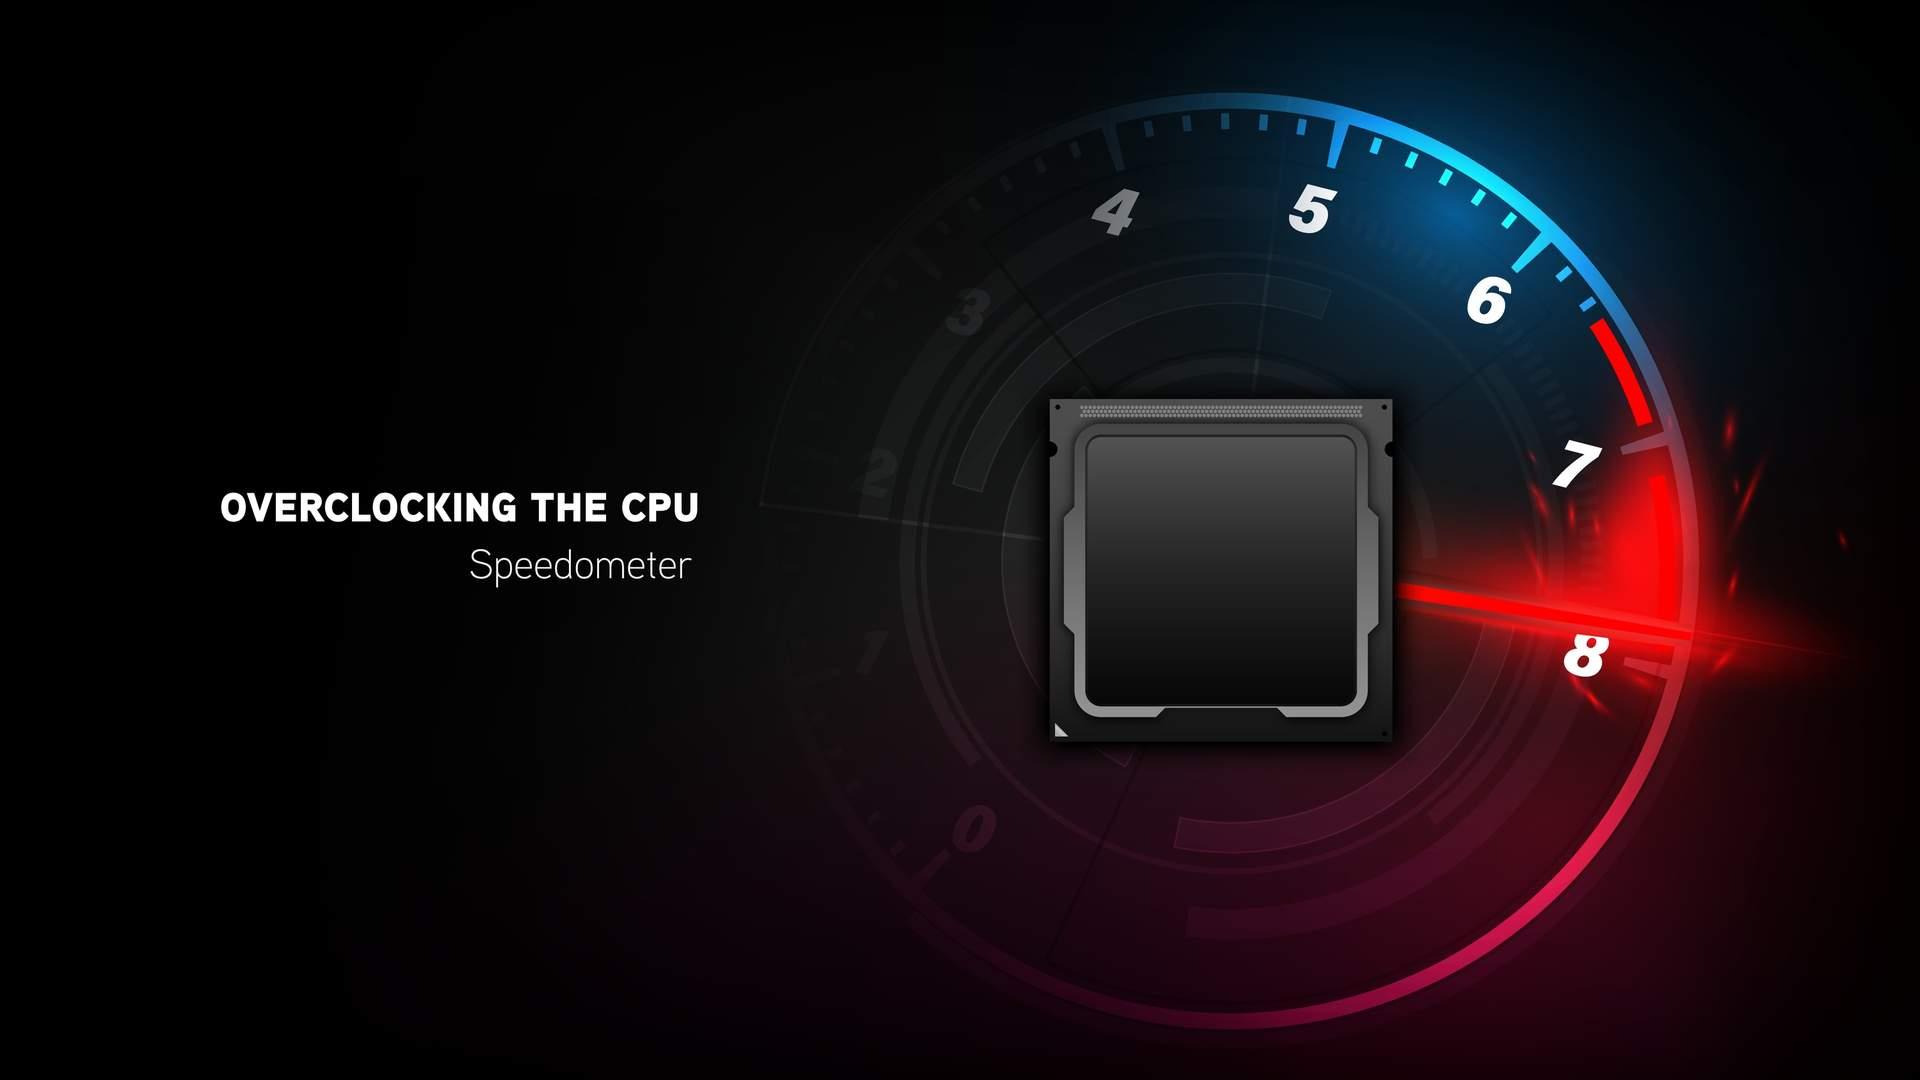 Ilustração em fundo preto mostrando silhueta de um processador rodeada por um acelerômetro apontando para o último nível